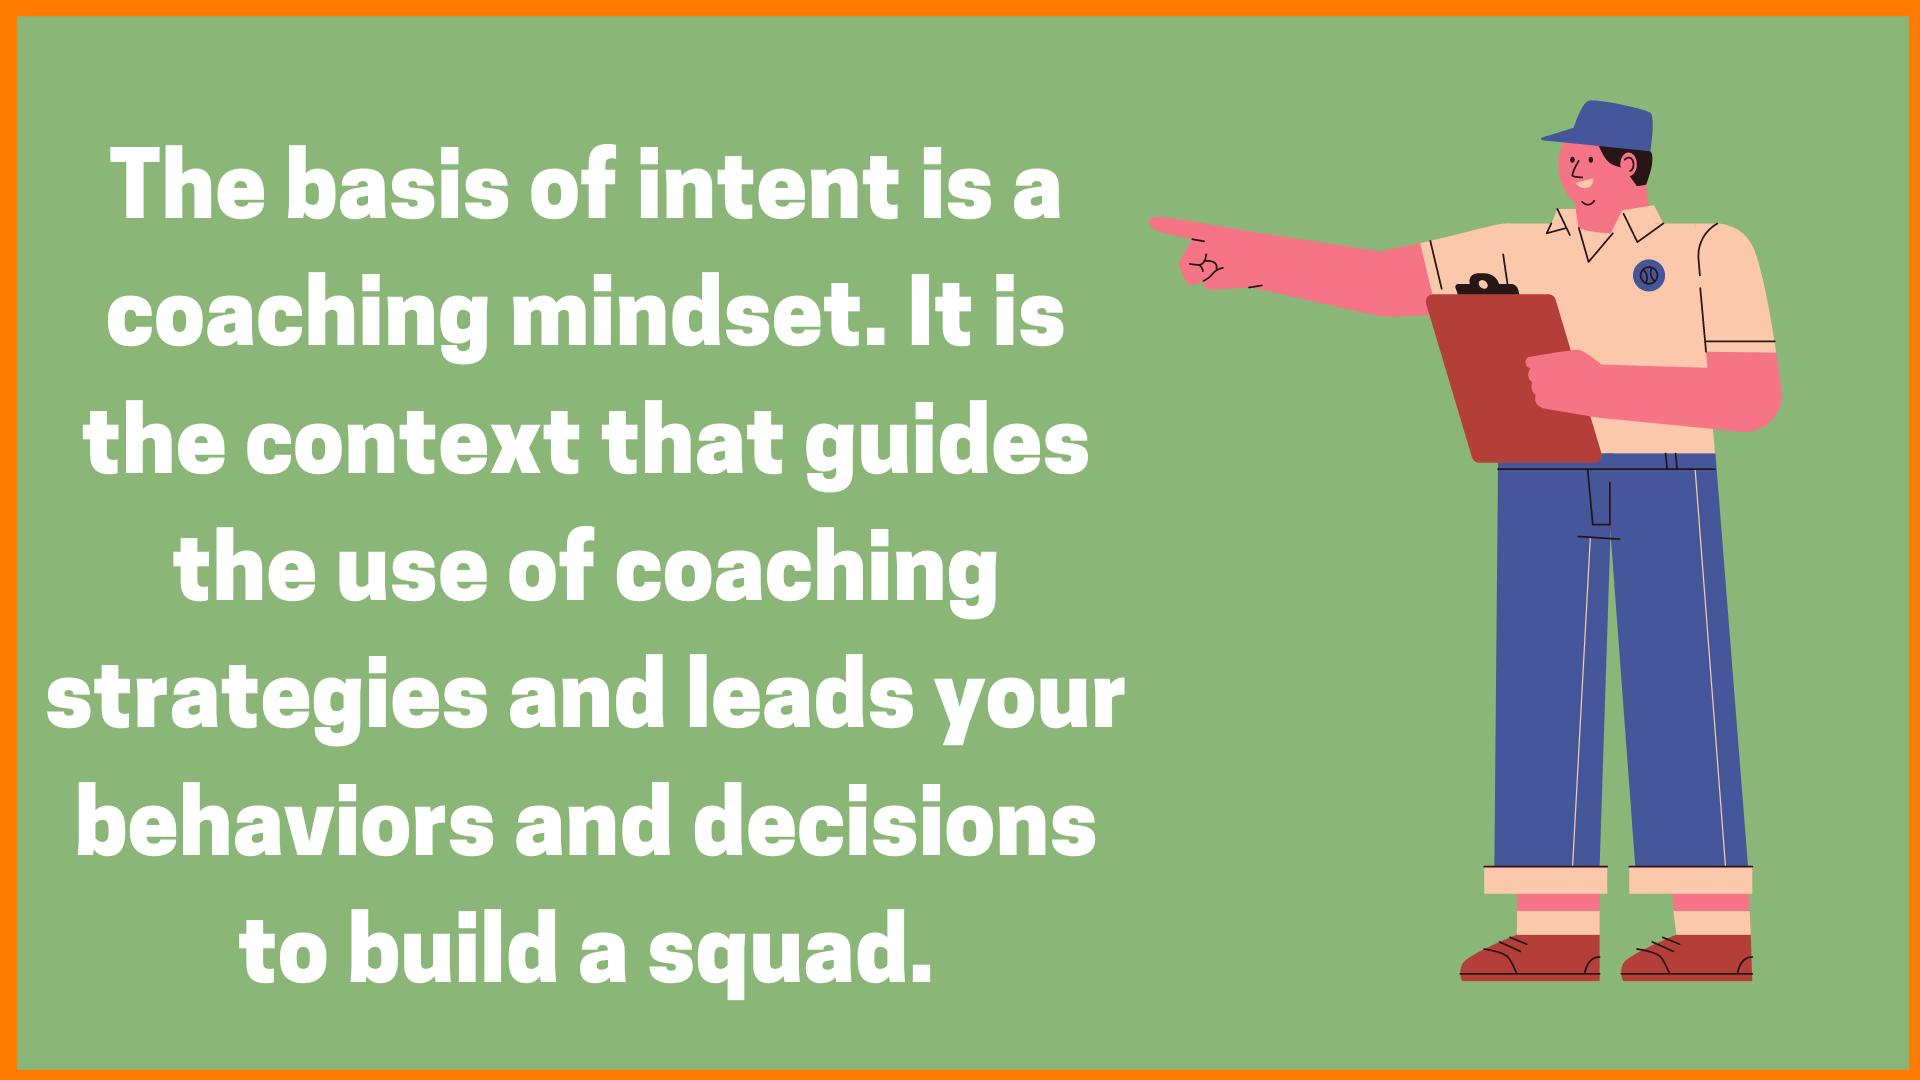 Coaching Mindset helps alot